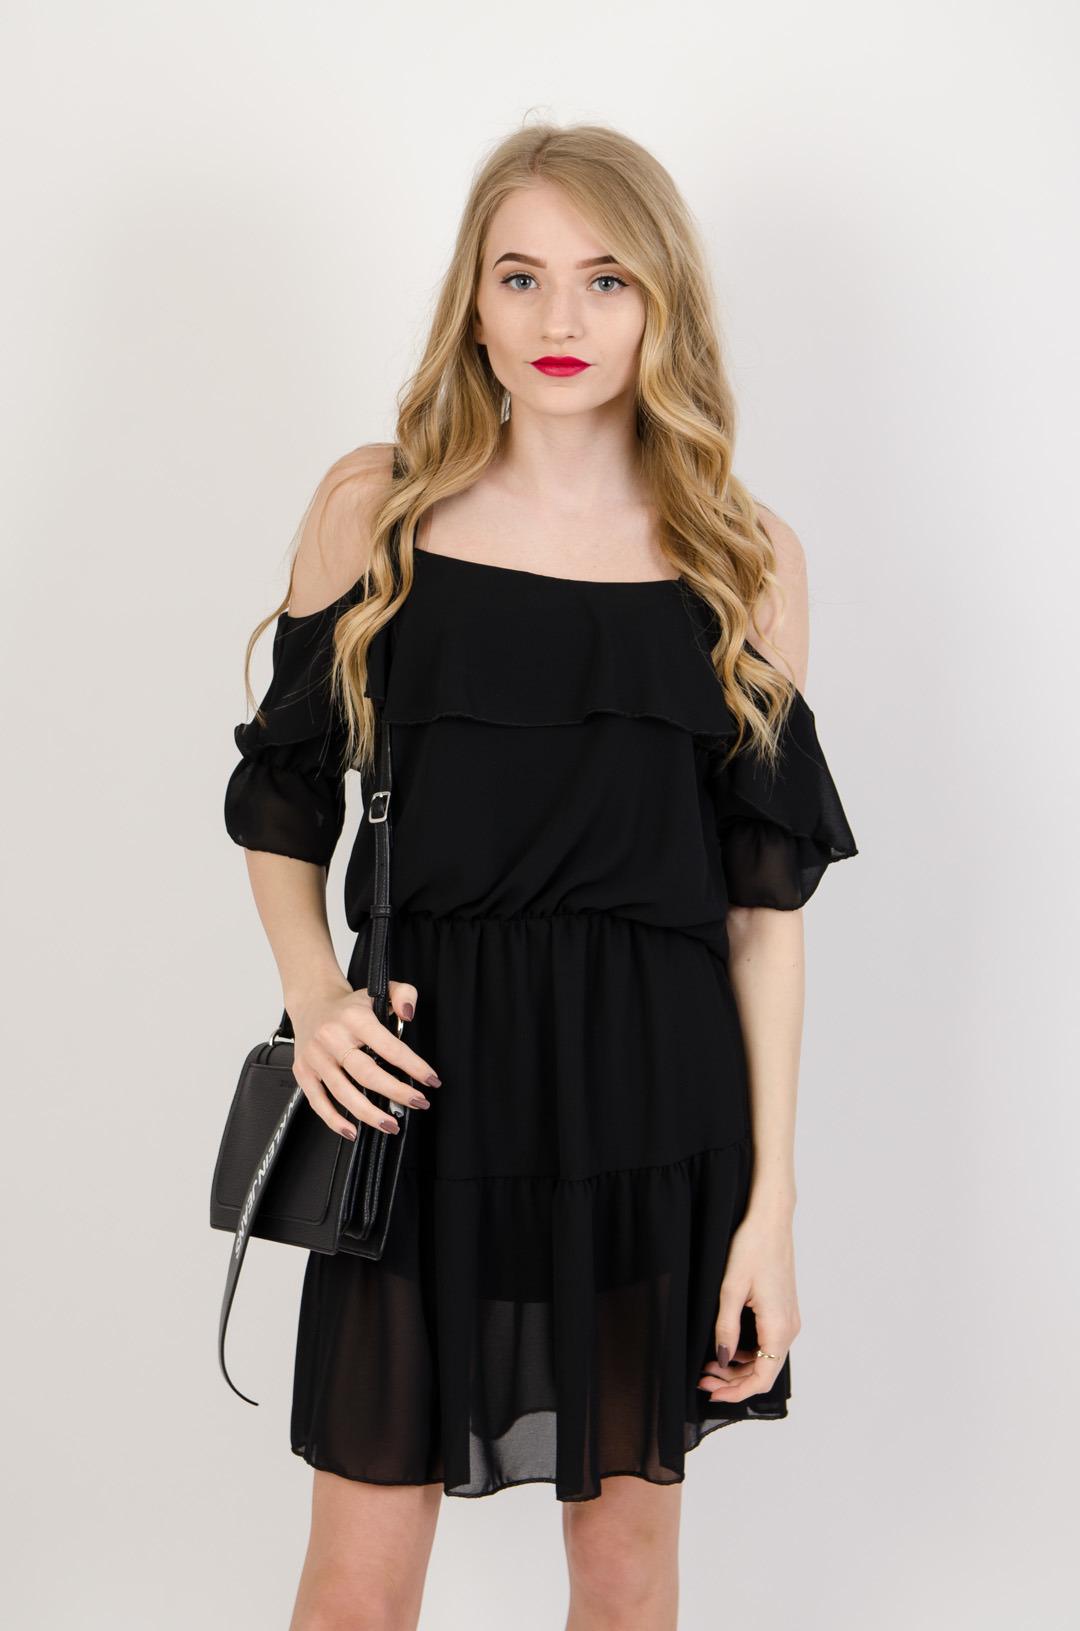 b64780c3d136c3 Czarna zwiewna sukienka z odkrytymi ramionami | NOWOŚCI KOLEKCJA ...